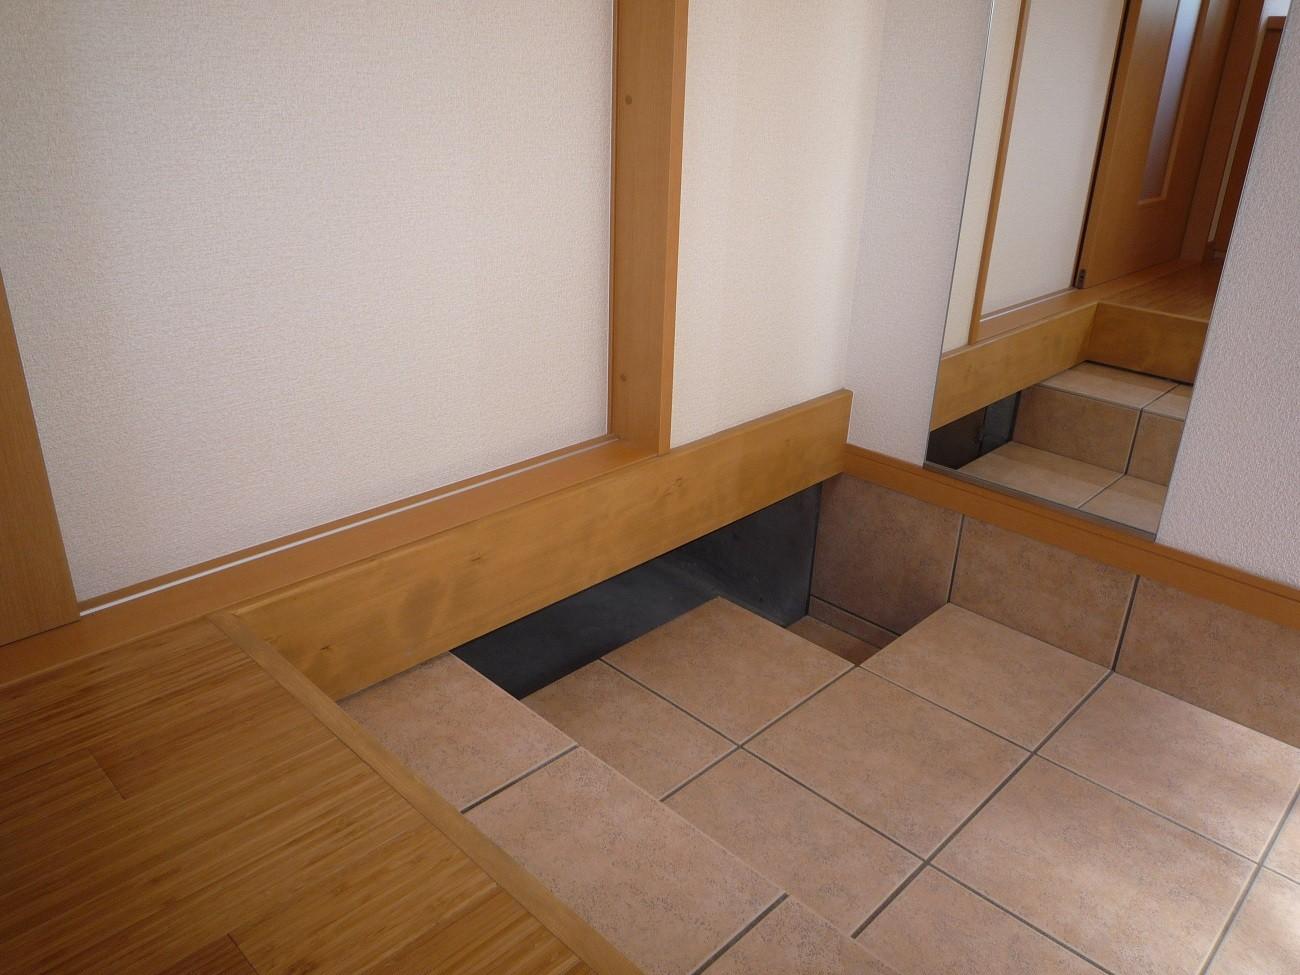 玄関事例:玄関の床下は、愛犬:ペットの ≪寝床≫(ペット(愛犬)と暮らす広いリビングが中心の自然素材住宅)